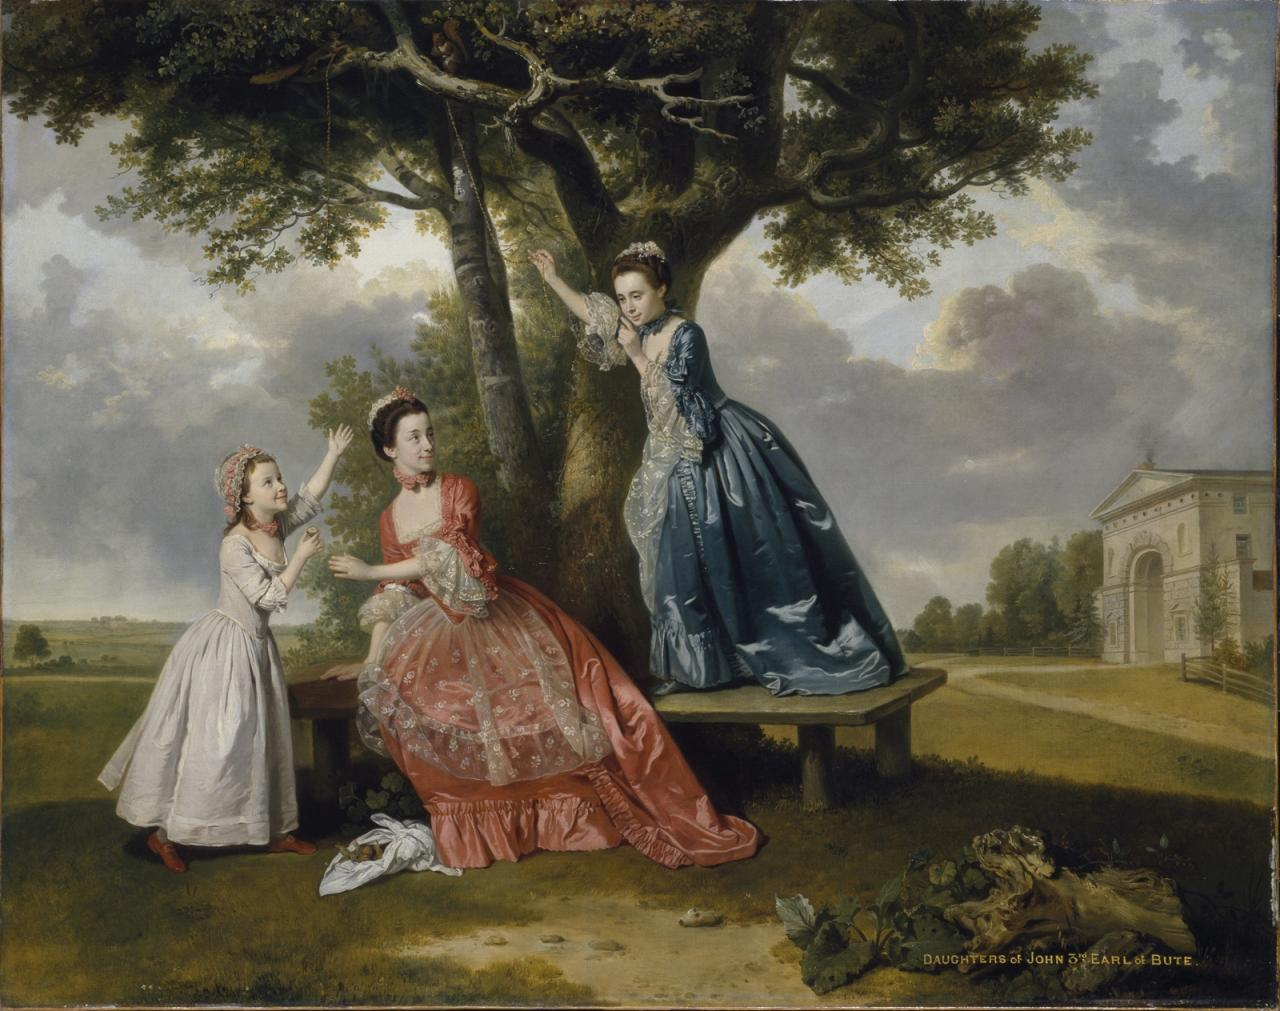 约翰.佐法尼《第三代比特伯爵约翰的三位女儿》的图片